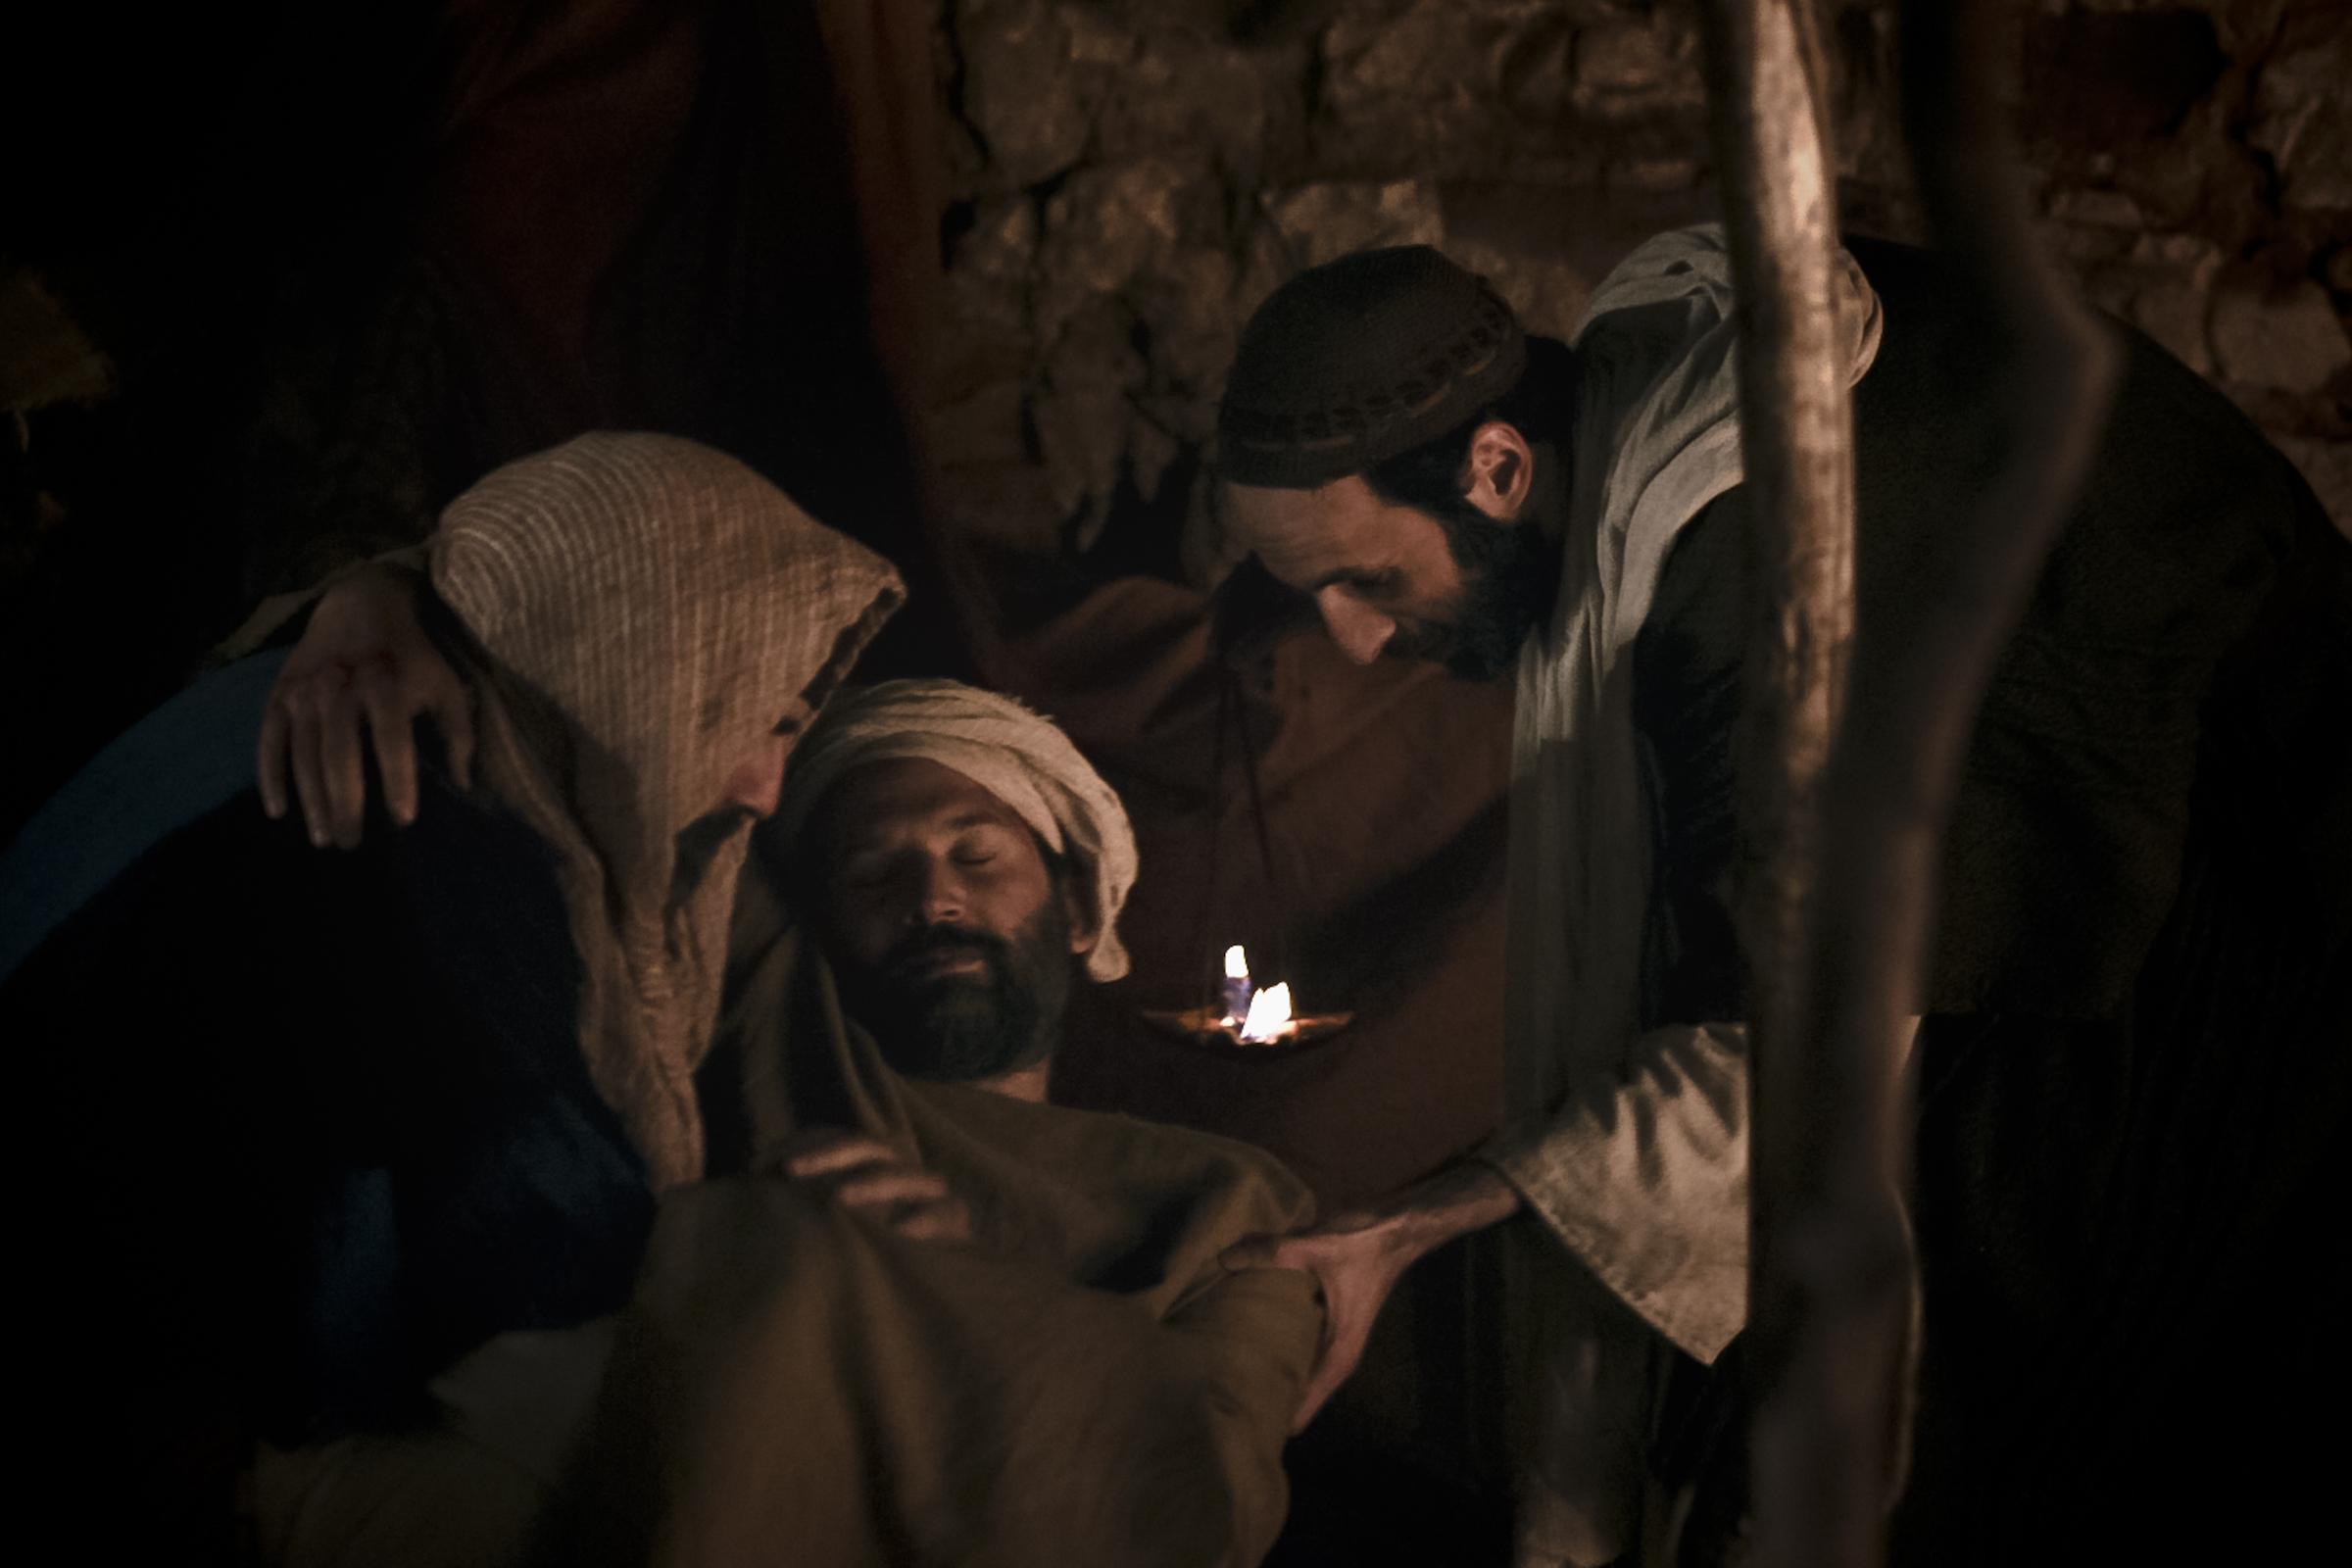 La parábola del Buen Samaritano - La parábola del buen samaritano